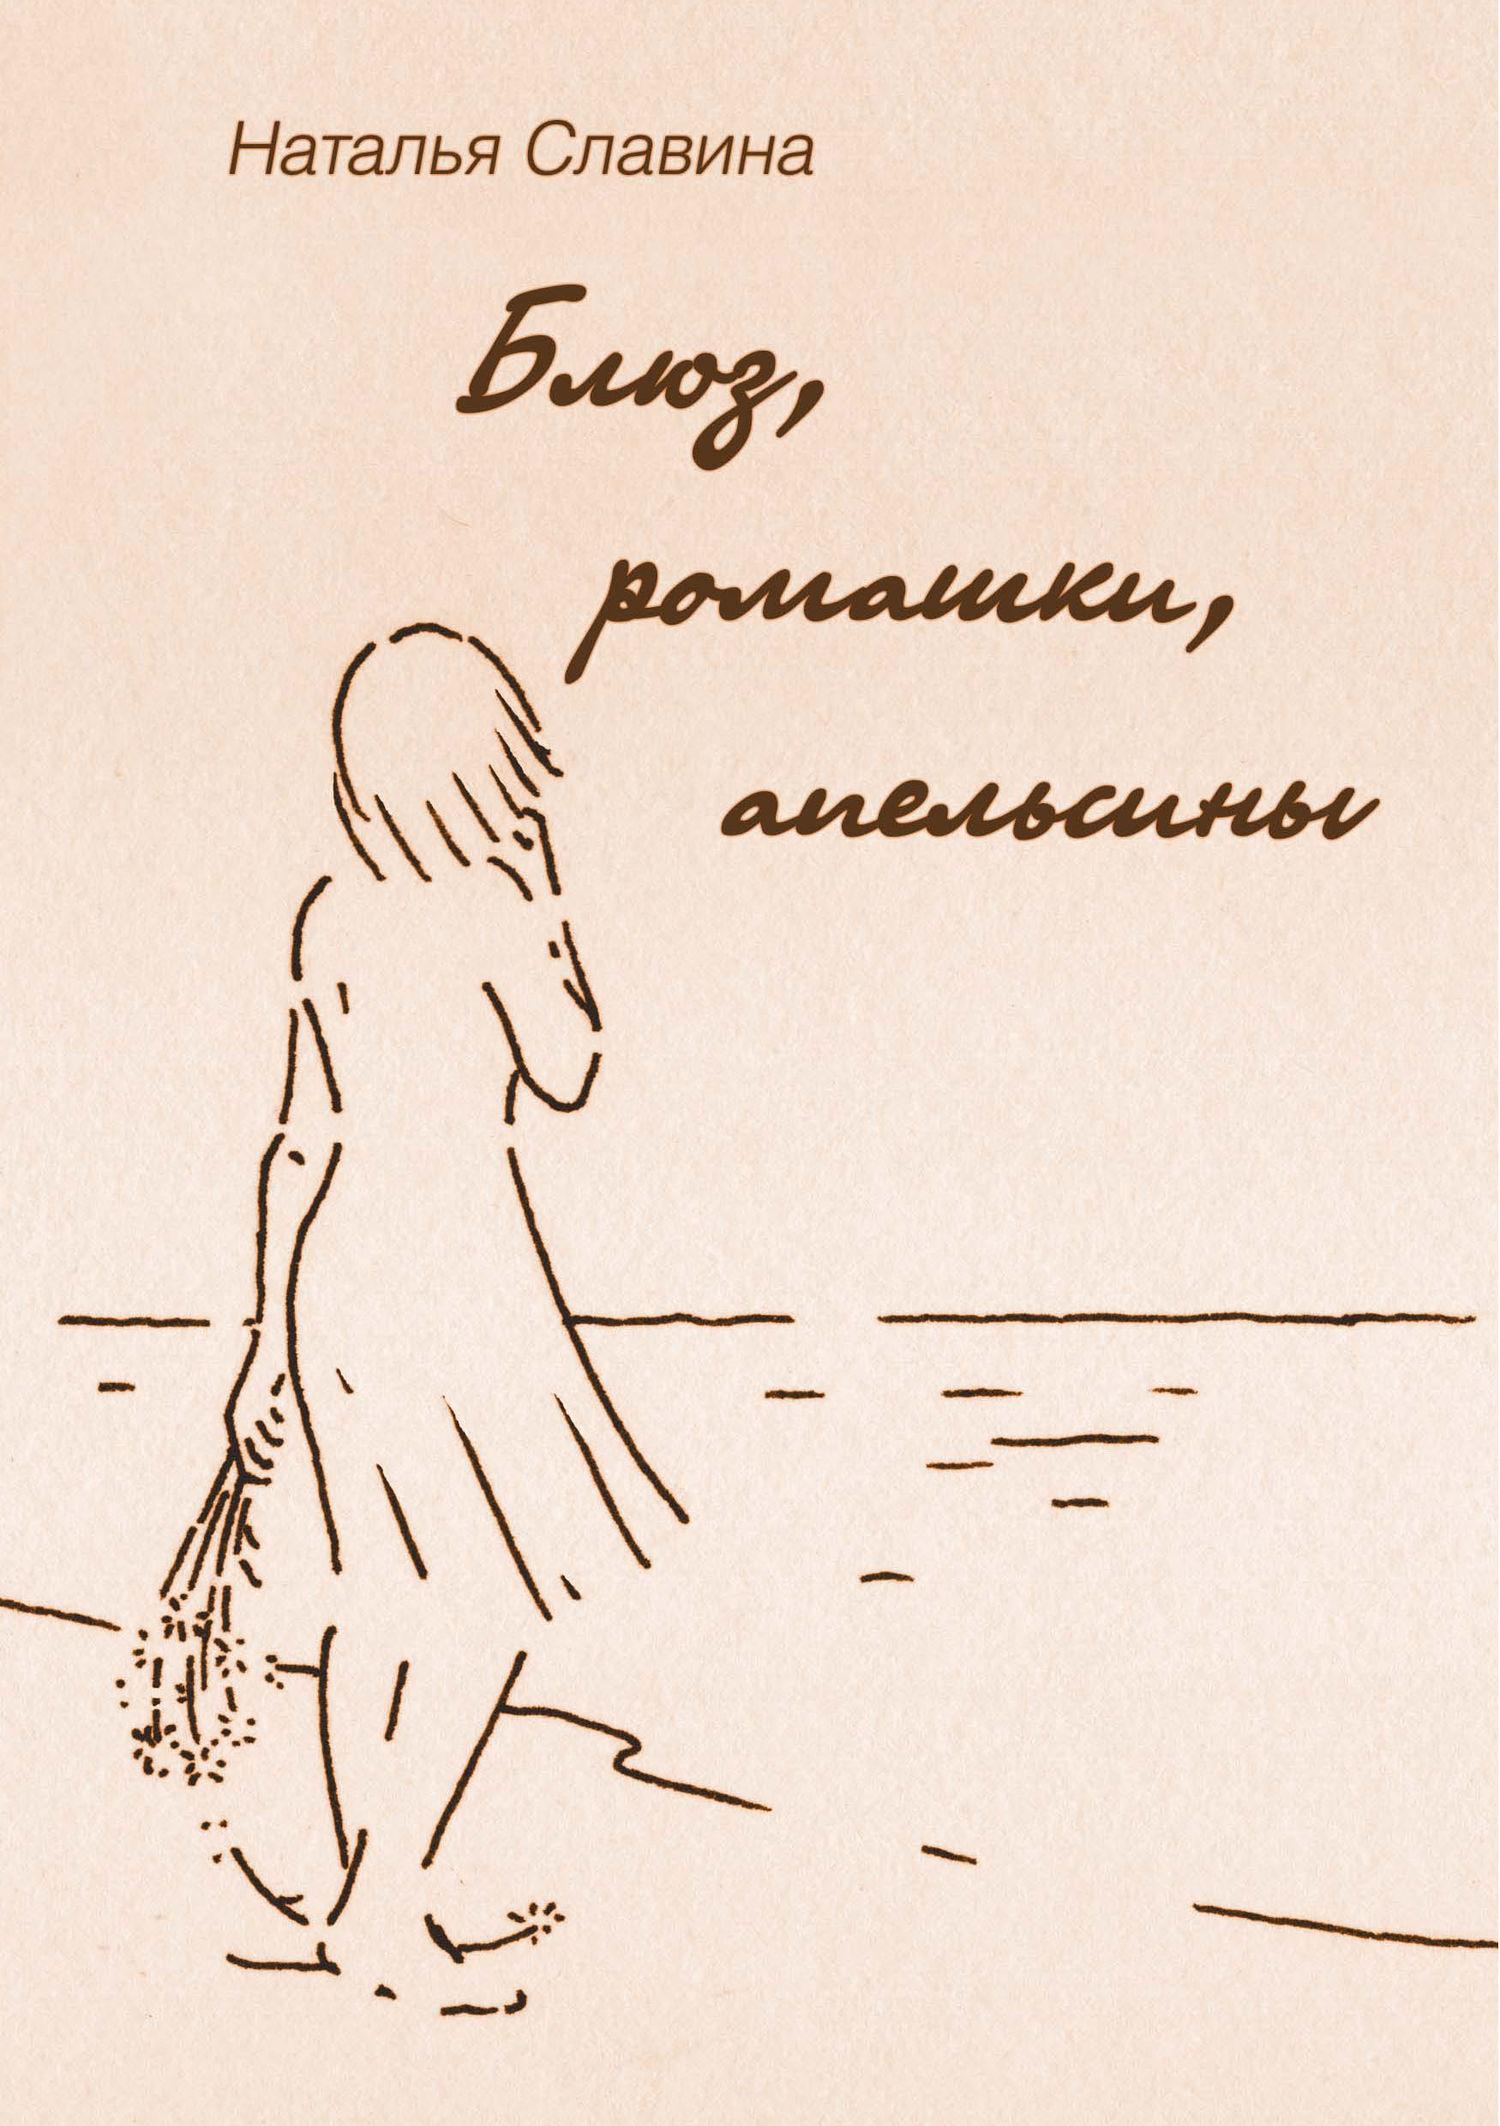 Обложка книги Блюз, ромашки, апельсины, автор Наталья Славина